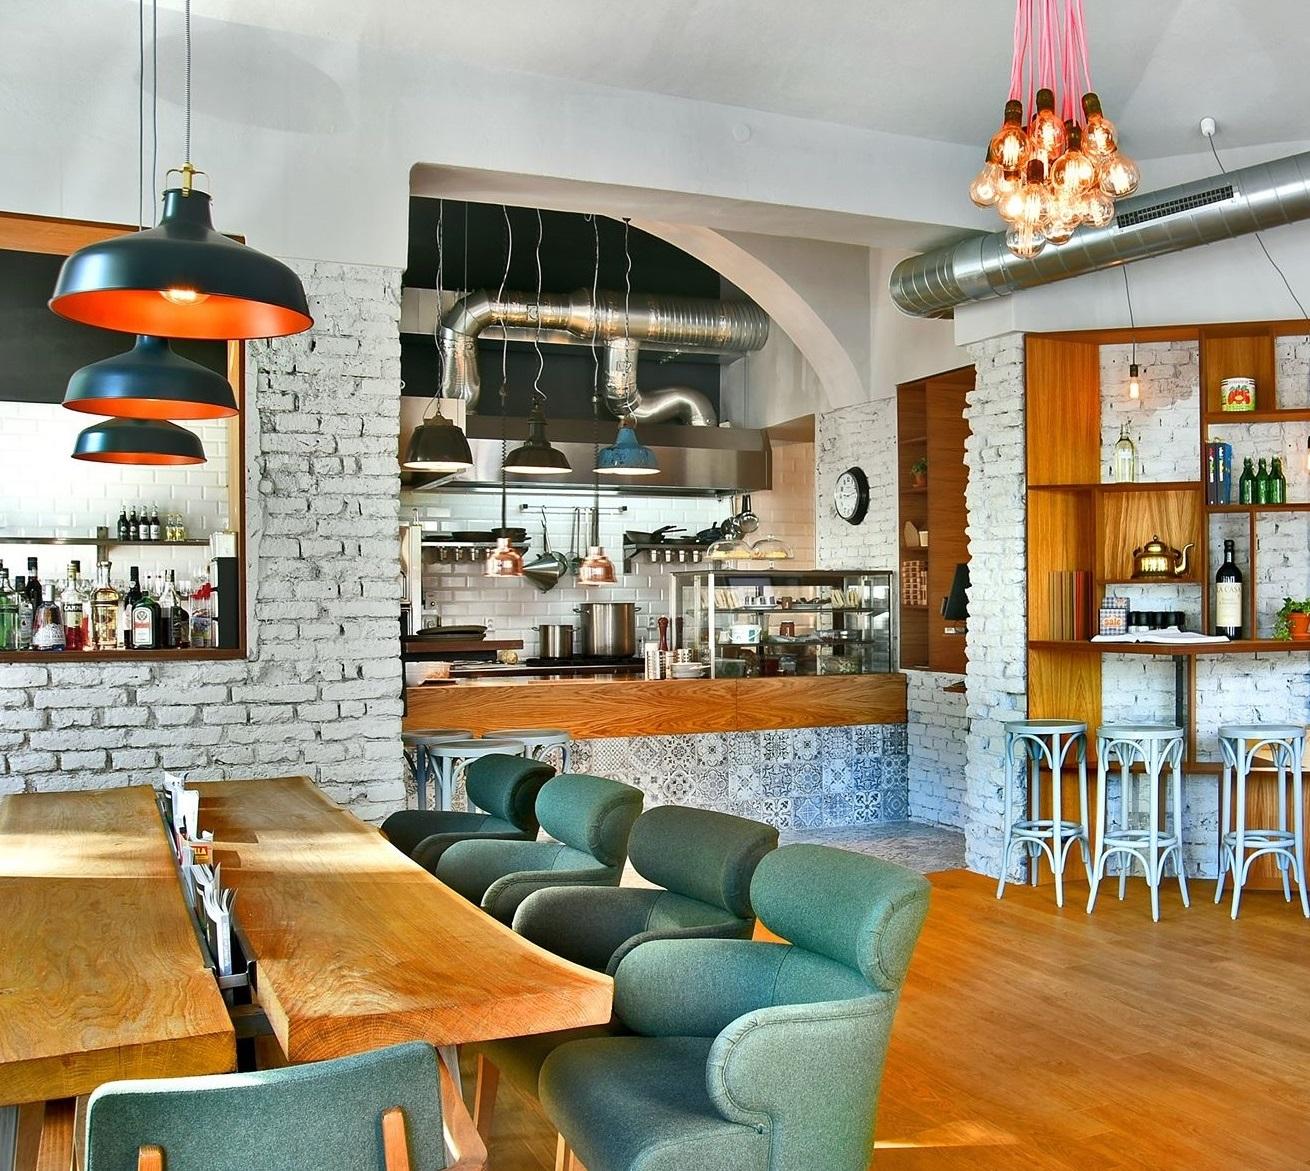 Nejlepší bistra v Praze, kde se snoubí krásný design a skvělé jídlo